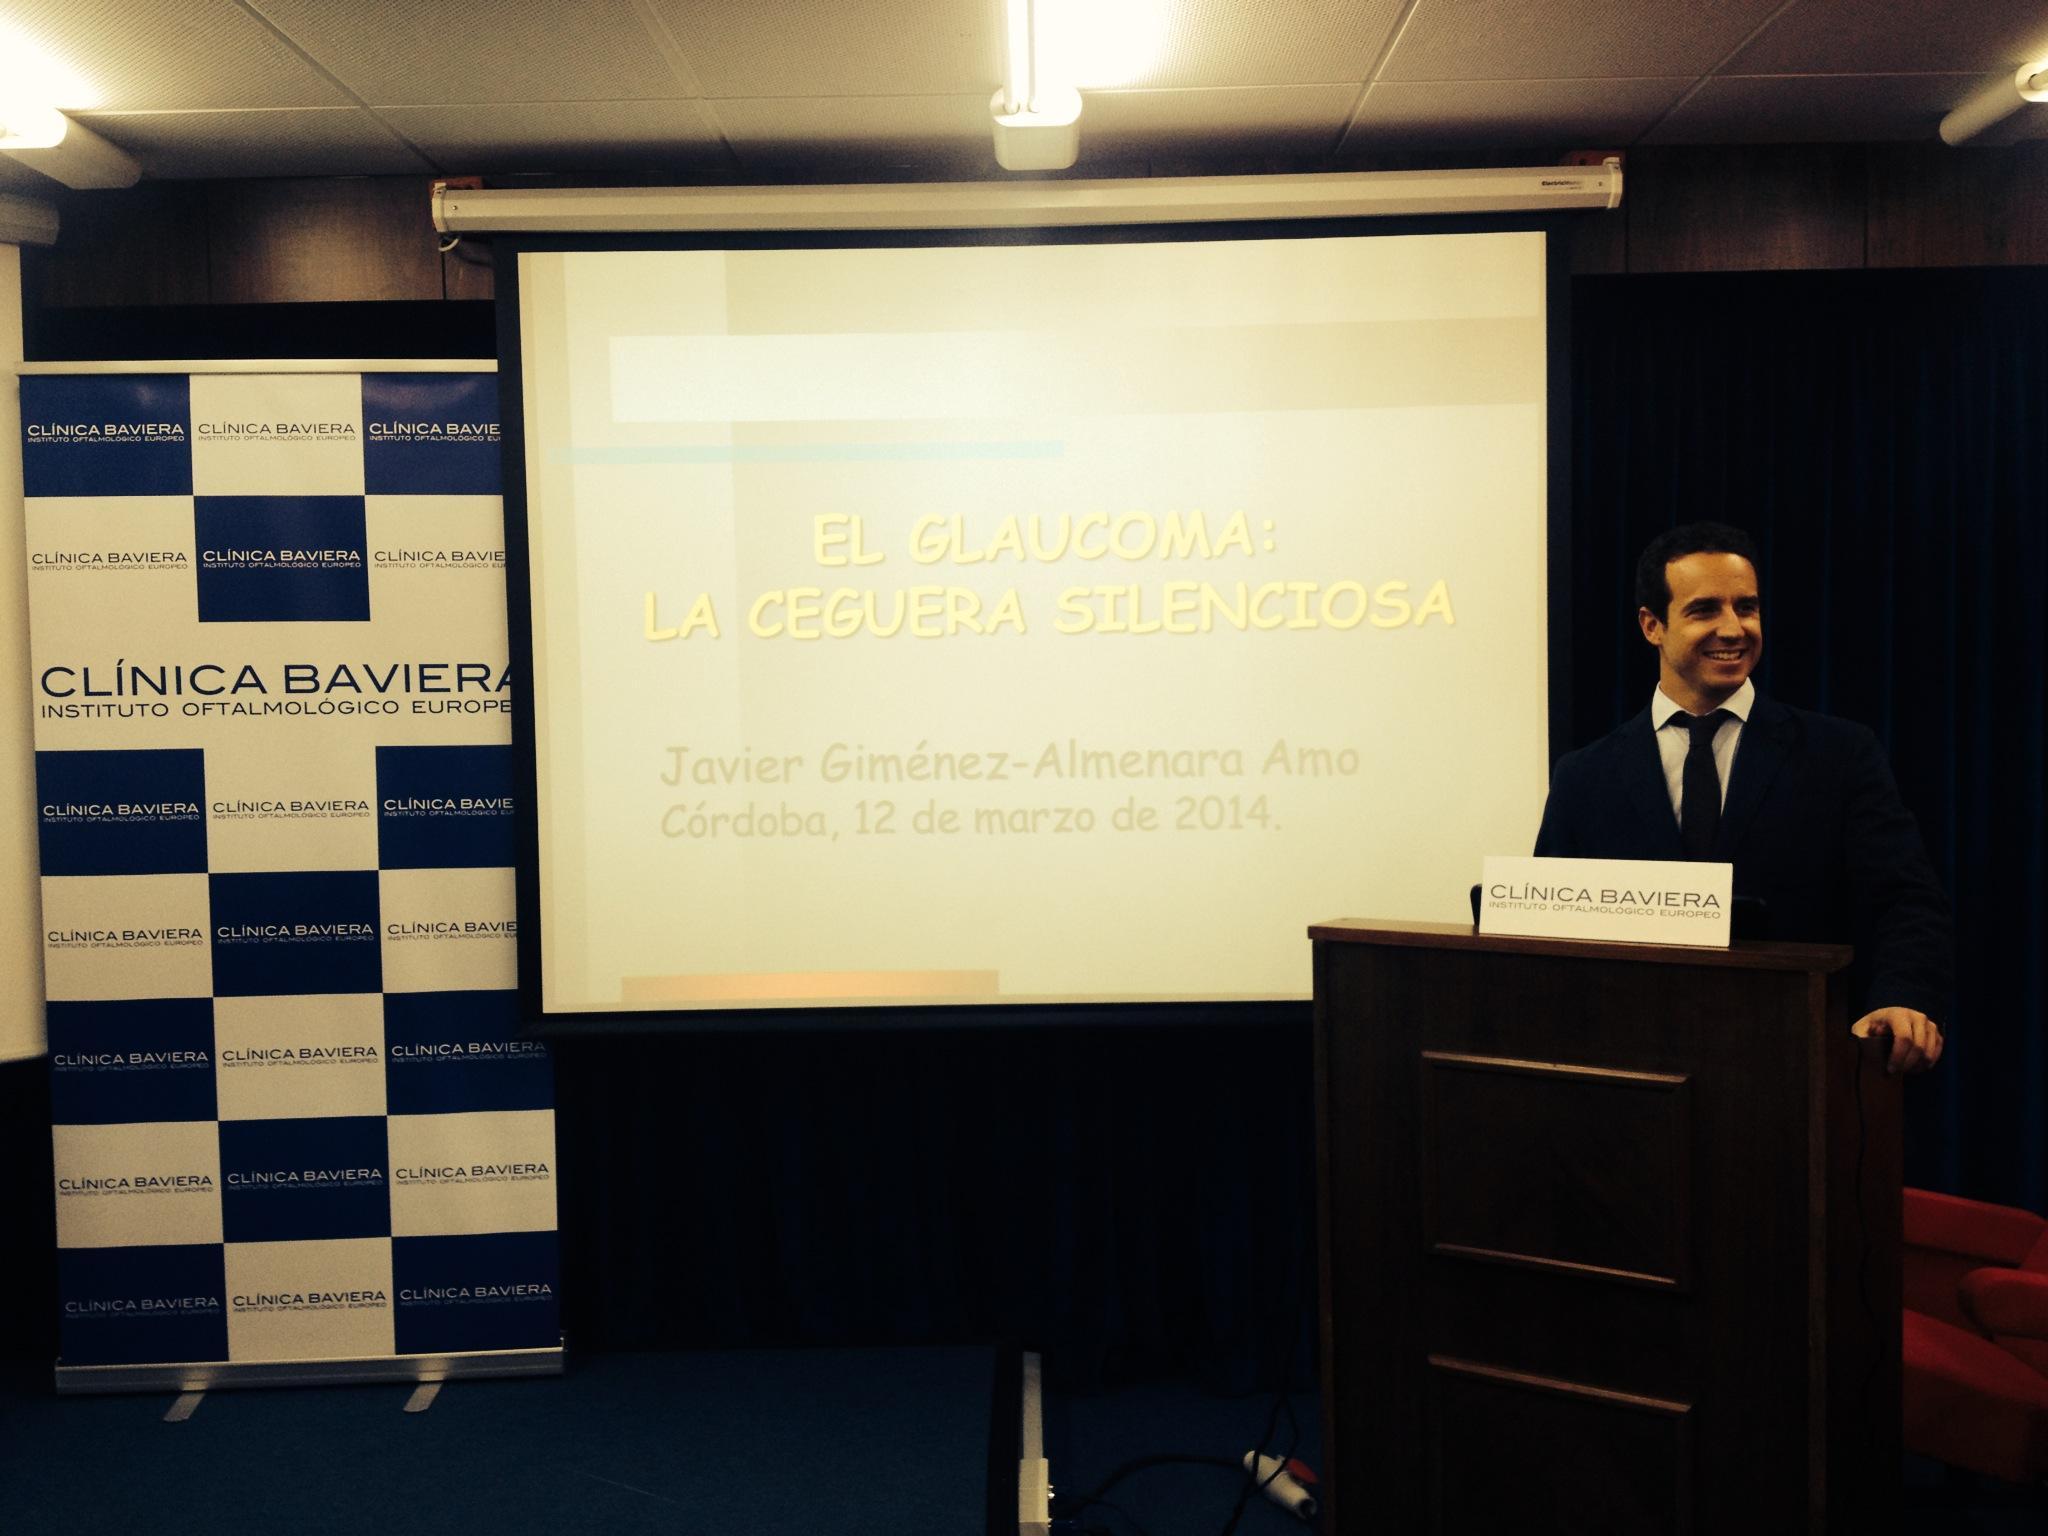 Dr. Javier Giménez-Almenara durante una charla sobre el glaucoma